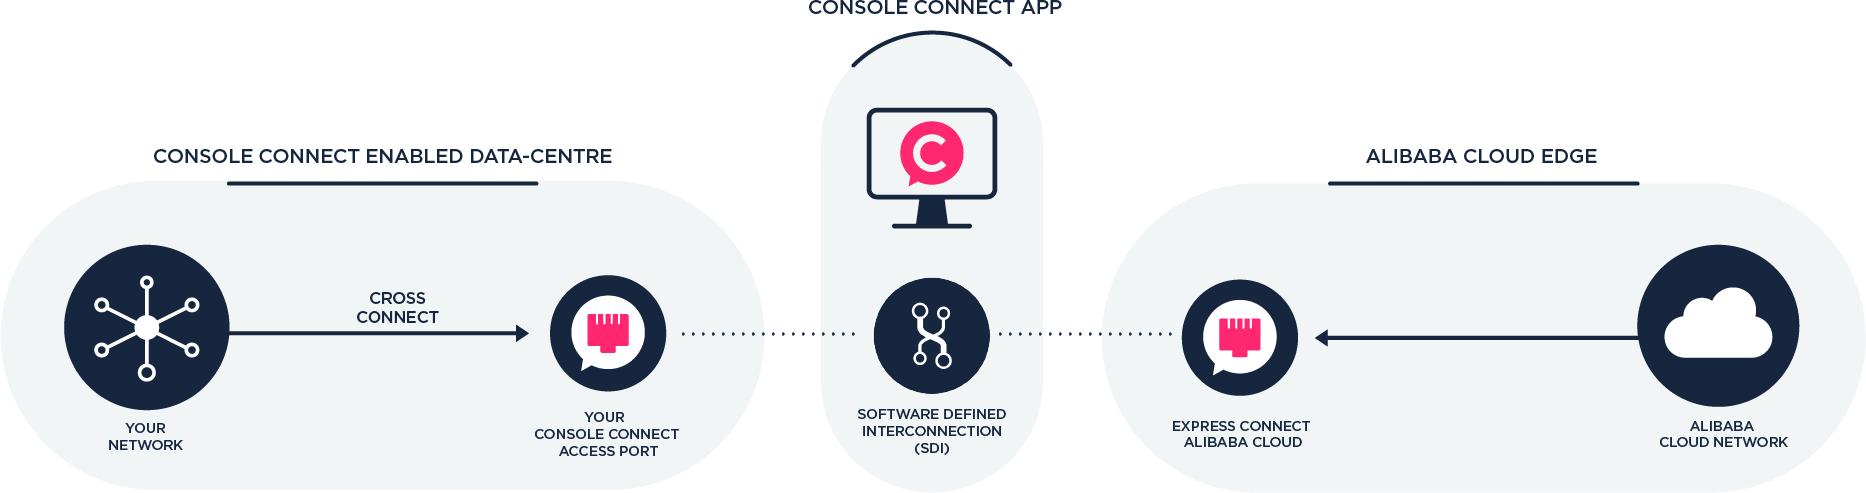 Alibaba cloud diagram